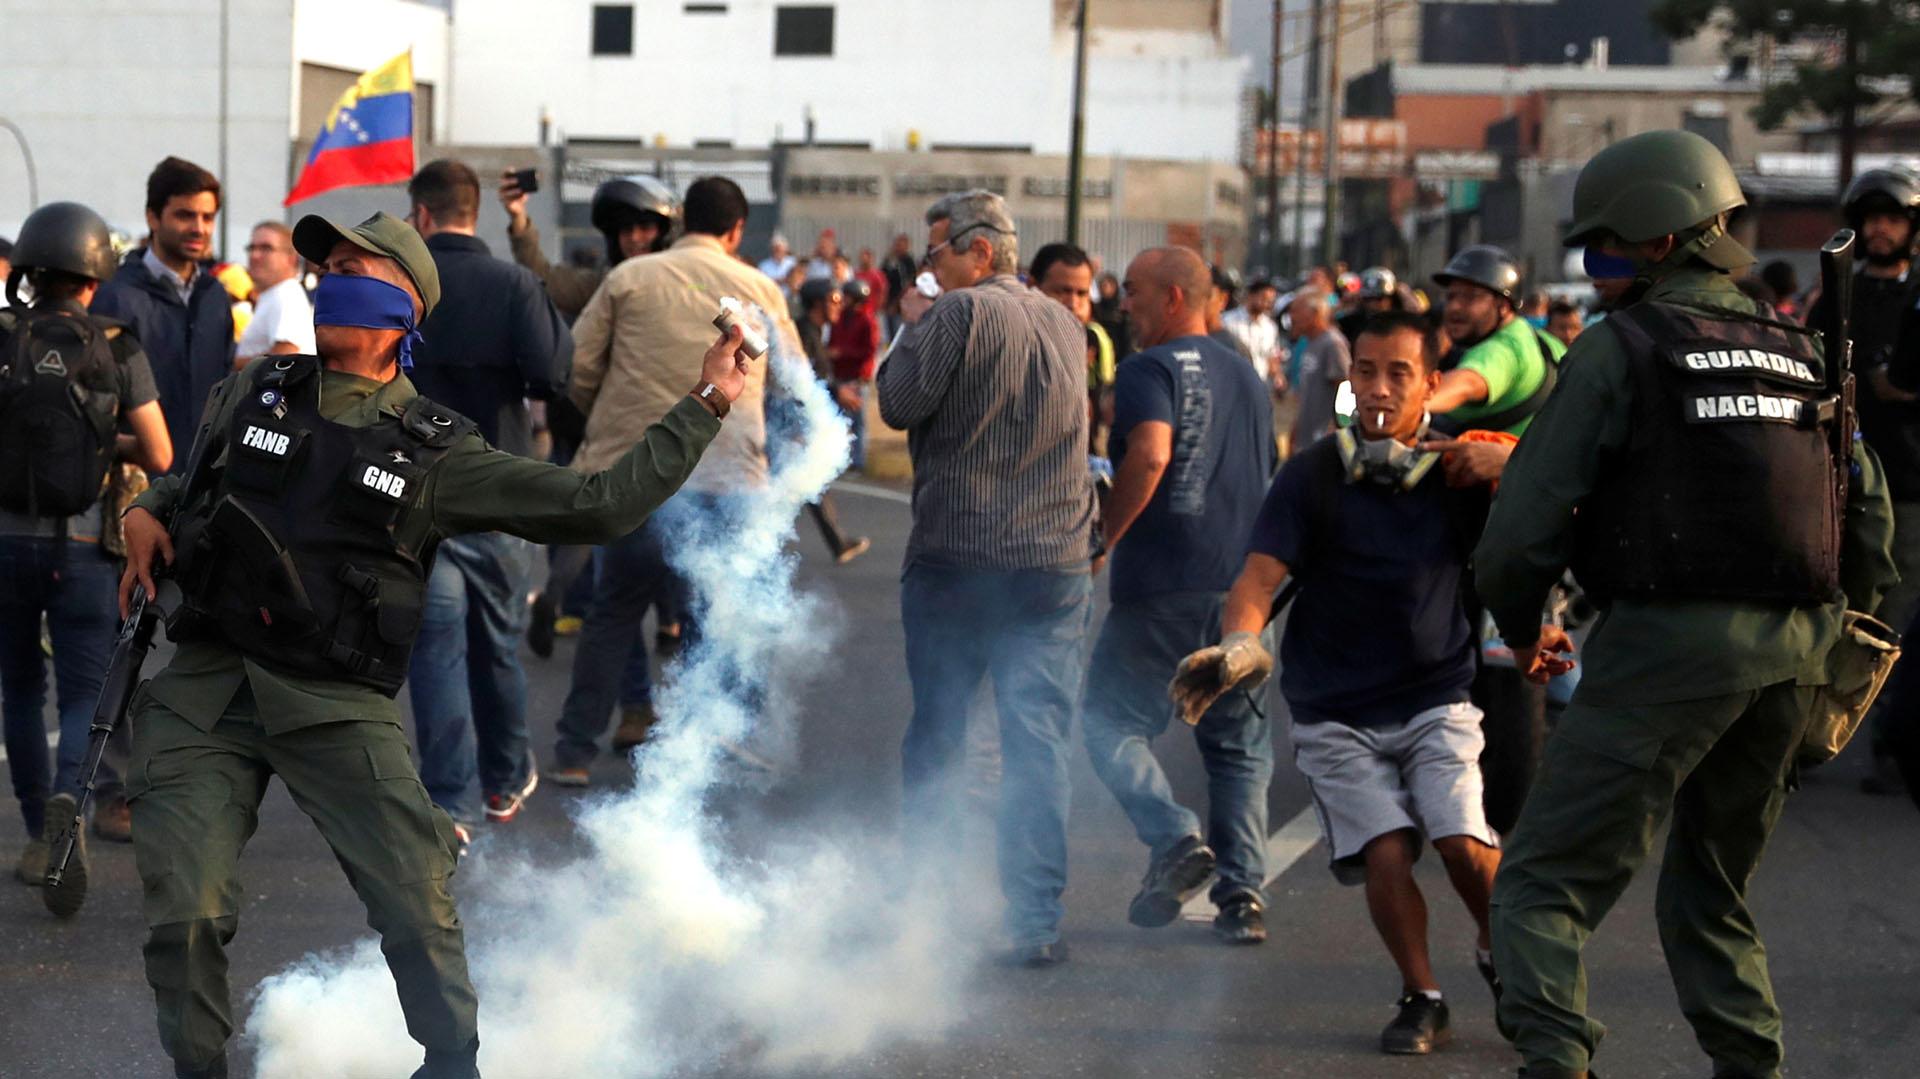 Un efectivo de las Fuerzas Armadas lanza uno de los gases lacrimógenos lanzados por la dictadura. REUTERS/Carlos Garcia Rawlins